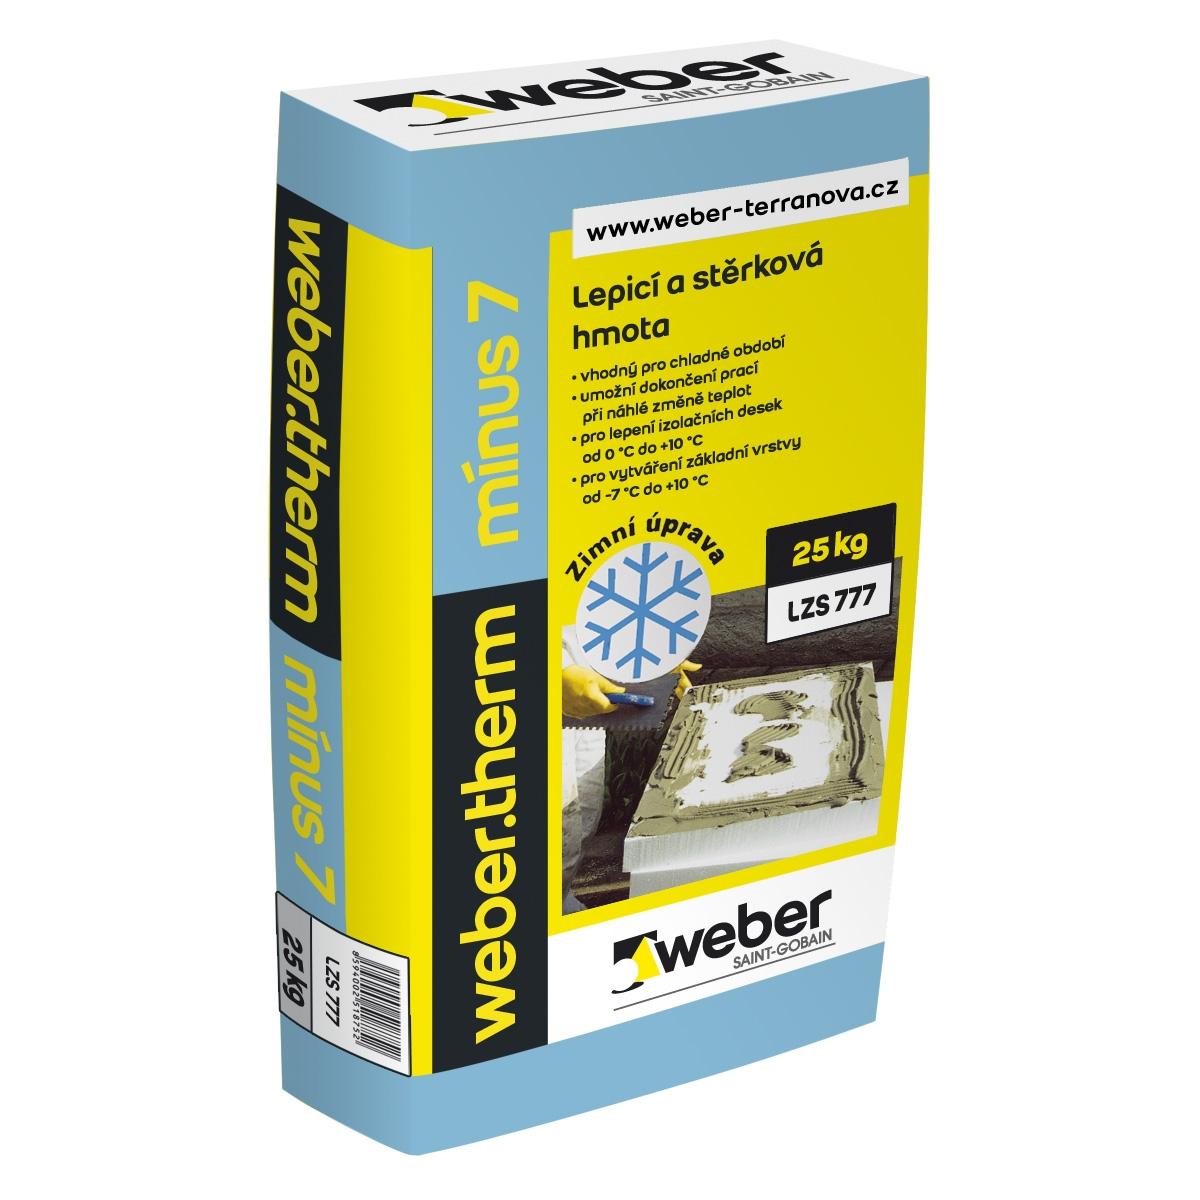 Cementová zimní lepicí s stěrková hmota Weber.therm minus 7, 25kg